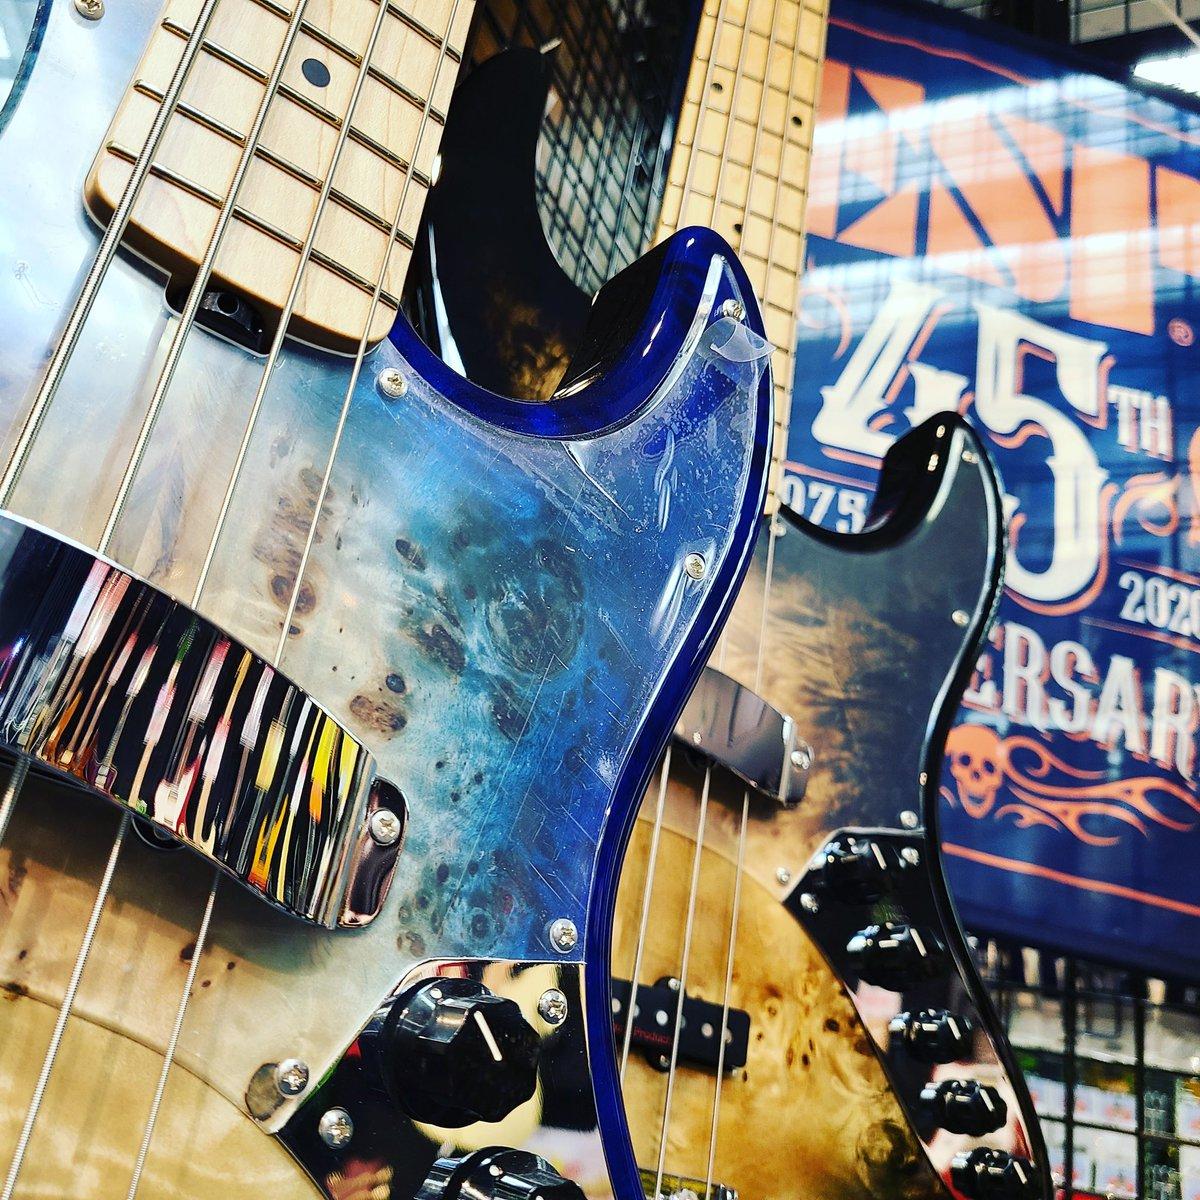 全国ESP直営店のESP AMAZE Seriesが買える‼️ 【BIGBOSSオンラインマーケット】  4弦 https://t.co/tJodMj1CS6  5弦 https://t.co/cyUi5VYX7W  インスタグラム https://t.co/HtQx5ILMID  #espguitars #bass #ベース #ベーシスト #amaze #5弦ベース #ESP45周年 https://t.co/nbNZkyeyqw